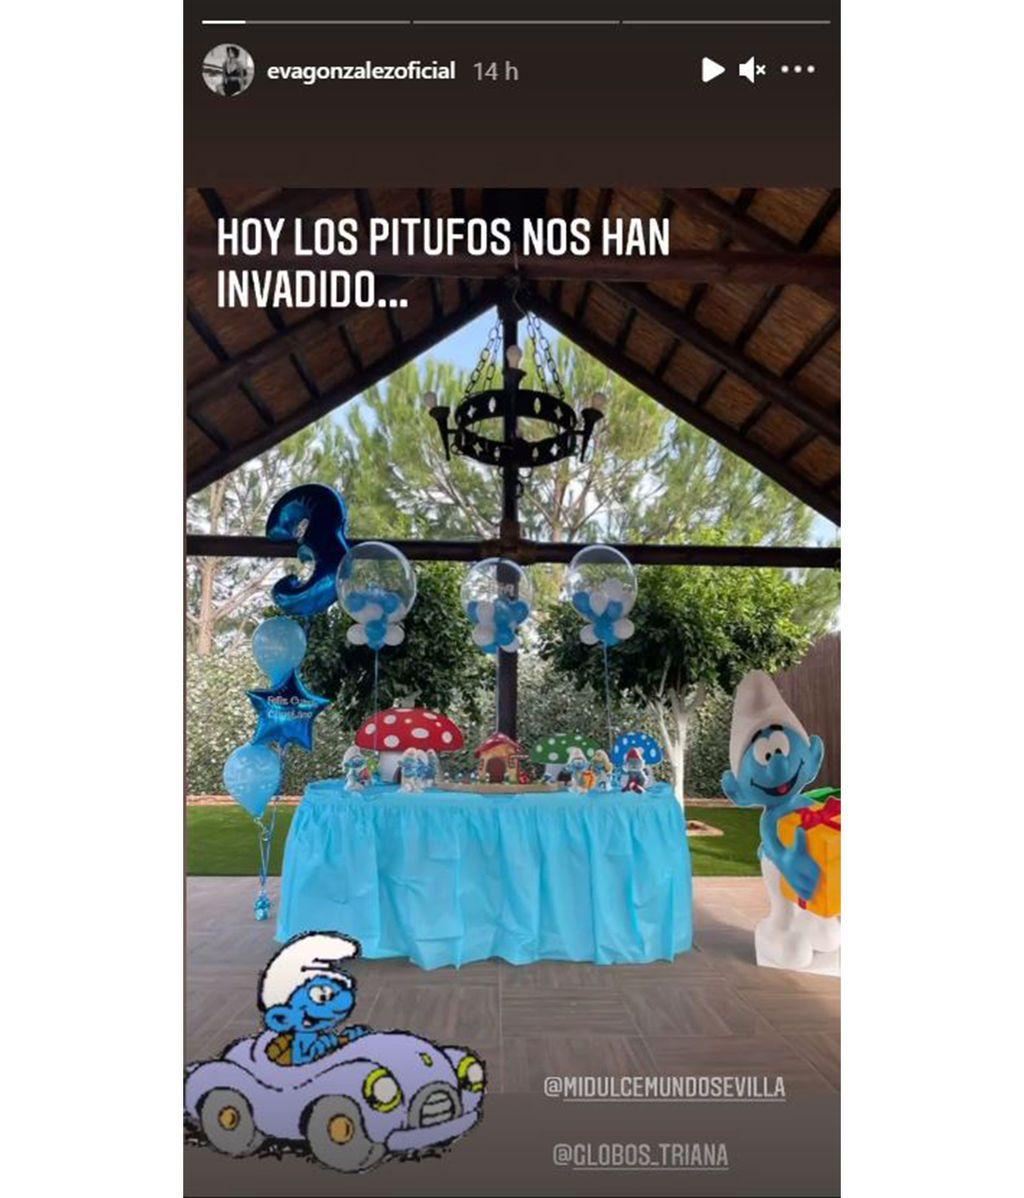 Eva González y Cayetano Rivera celebran el cumpleaños de su hijo